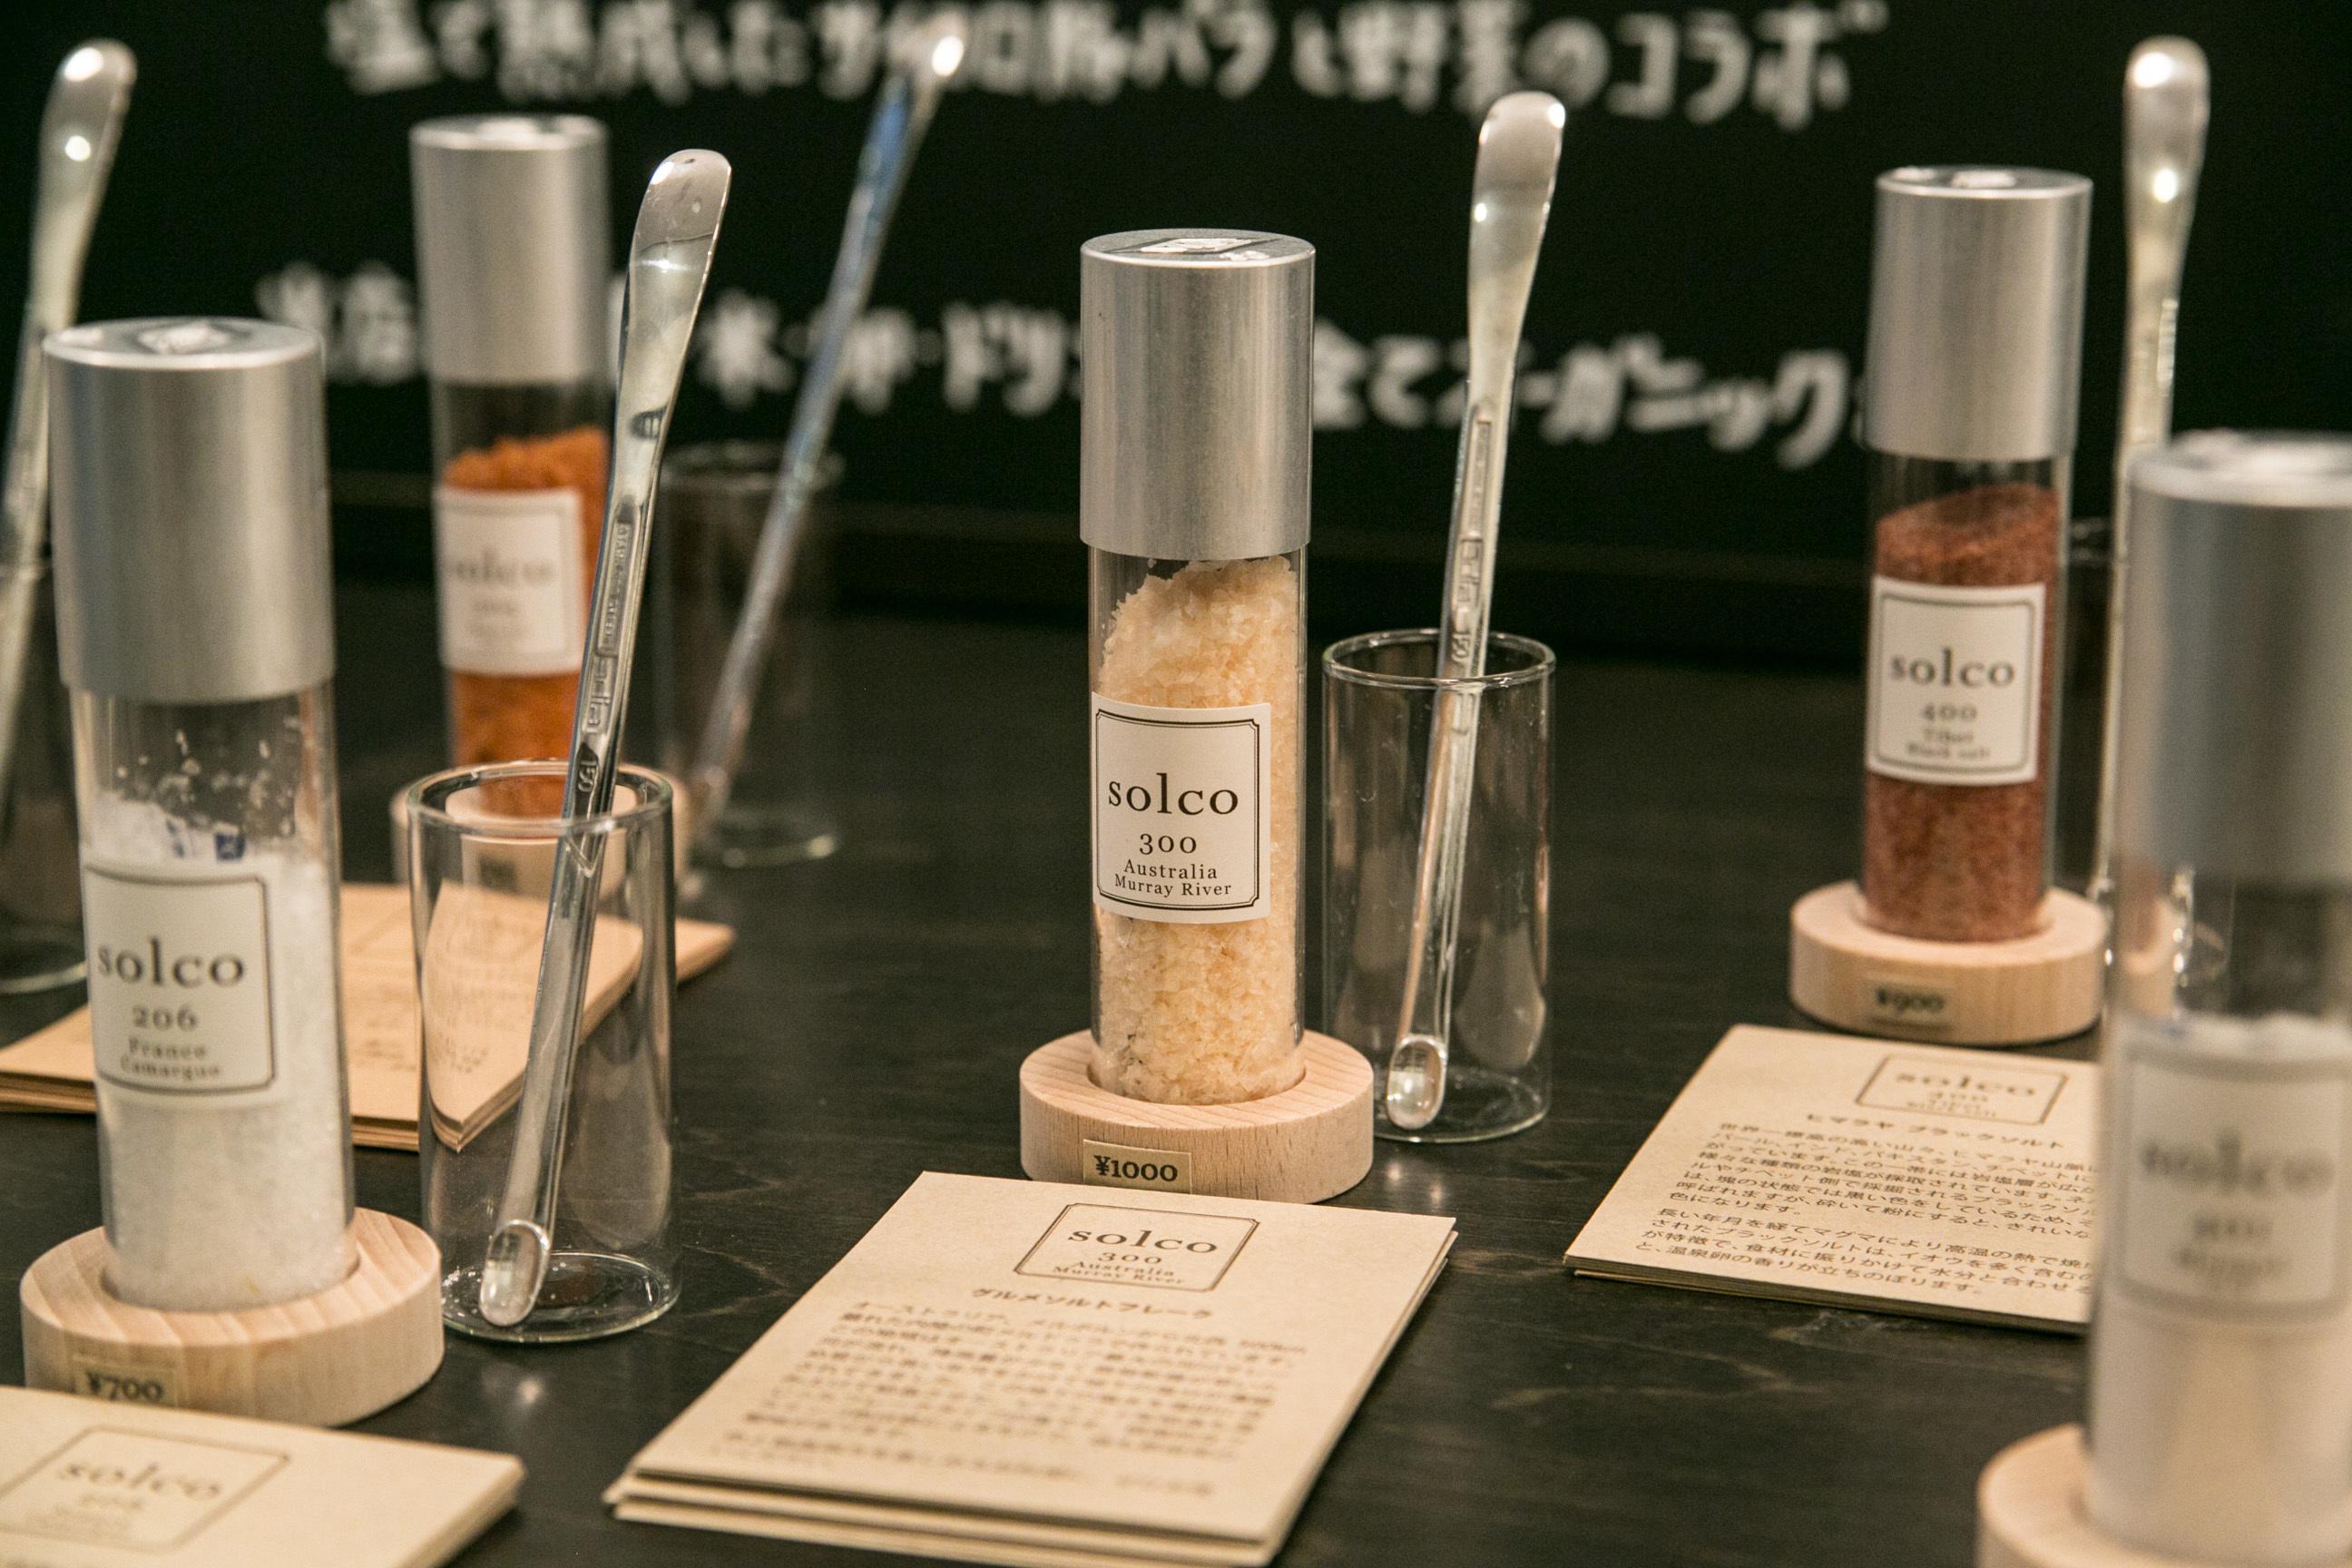 おにぎり片手に39種類の塩が味わえる店 solcoに行ってきた